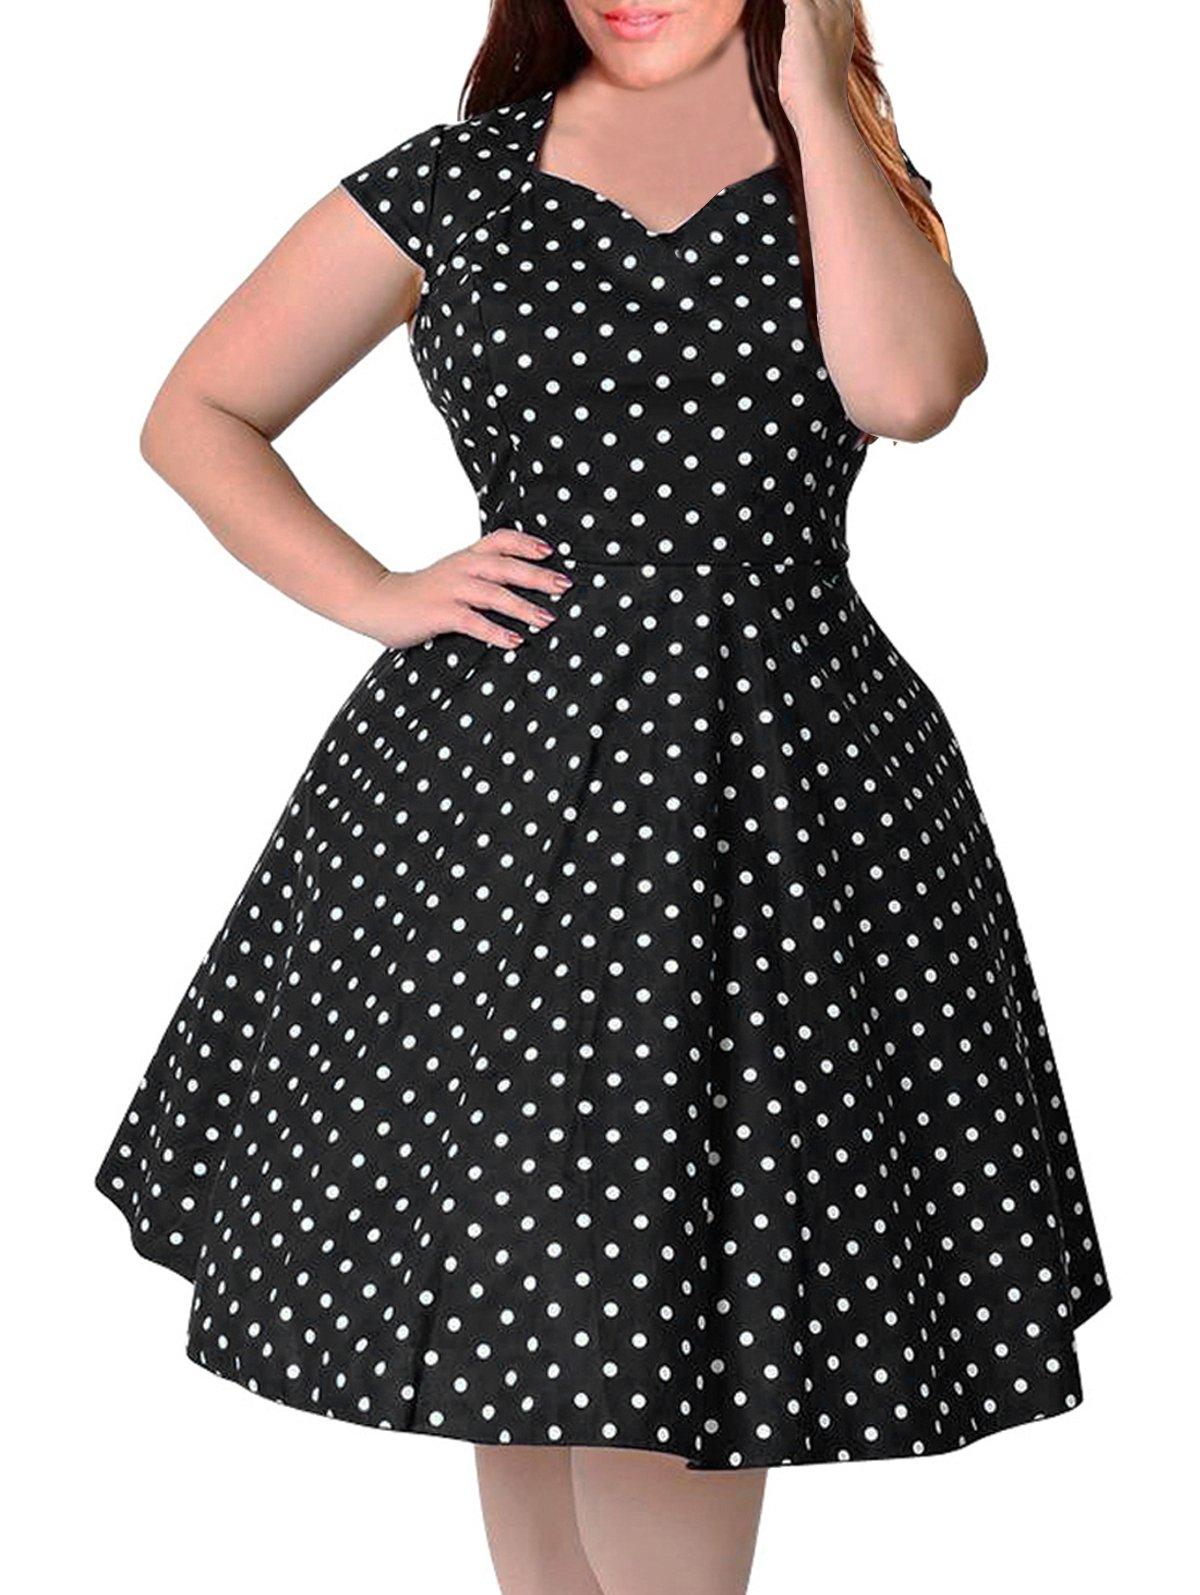 Nemidor Women's 1950s Style Polka Dot Pattern Vintage Plus Size Swing Dresss (18W, Black)